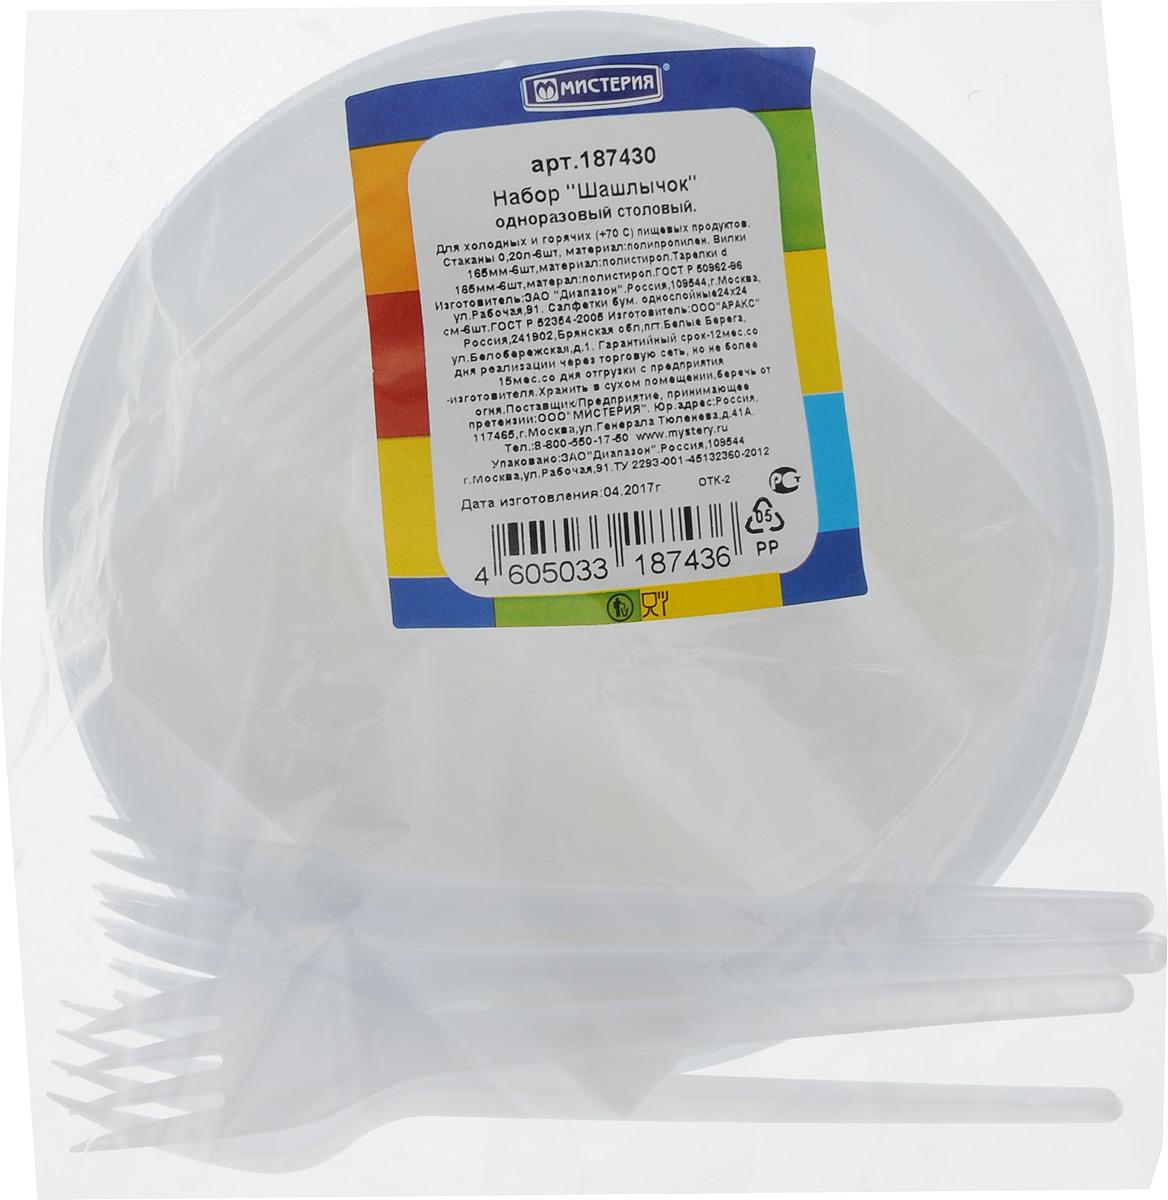 Набор одноразовой посуды Мистерия Шашлычок, 24 предмета187430Набор одноразовой посуды Мистерия Шашлычок на 6 персон включает 6 тарелок, 6 вилок, 6 стаканов и 6 салфеток. Посуда выполнена из пищевого пластика, предназначена для холодных и горячих (до +70°С) пищевых продуктов. Такой набор посуды отлично подойдет для отдыха на природе. В нем есть все необходимое для пикника. Он легкий и не занимает много места, а самое главное - после использования его не надо мыть. Объем стакана: 200 мл. Диаметр стакана (по верхнему краю): 7 см. Высота стакана: 9,5 см. Диаметр тарелки: 16,5 см. Длина вилки: 16,5 см. Размер салфетки: 24 х 24 см.